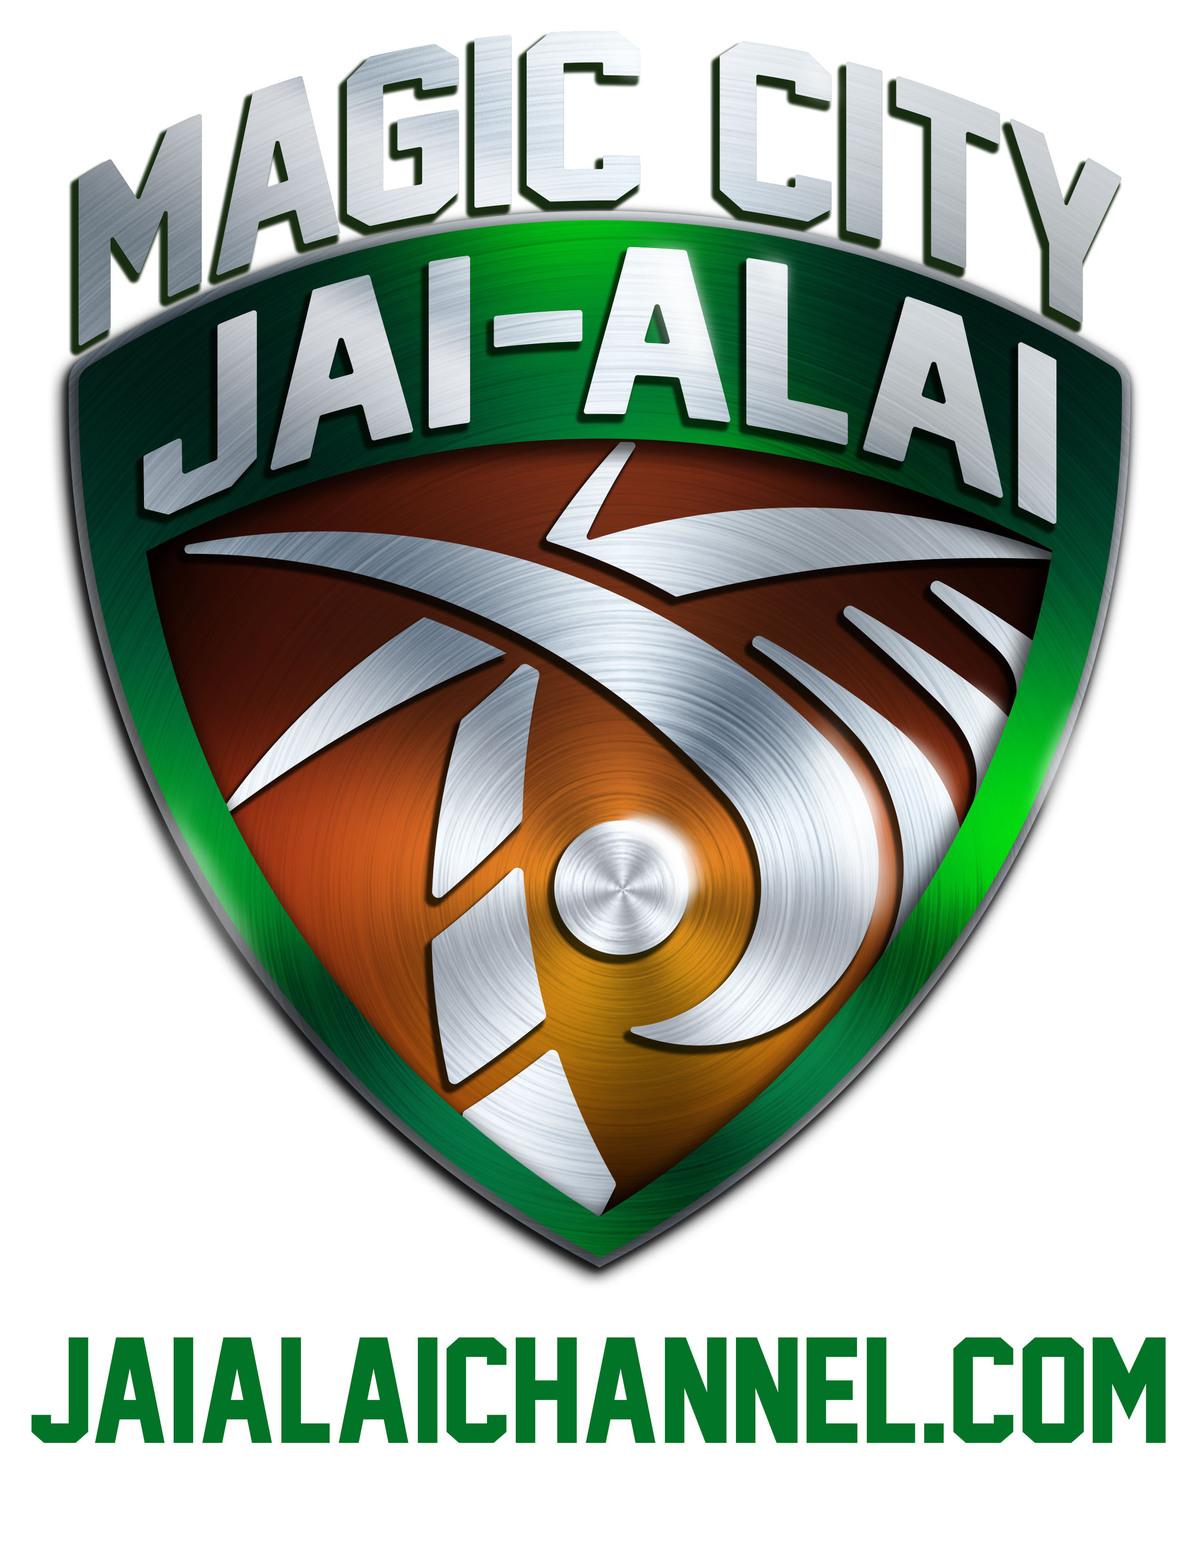 Jai-Alai H2H - Singles H2H - Mon. Jul, 5 2021 Replay